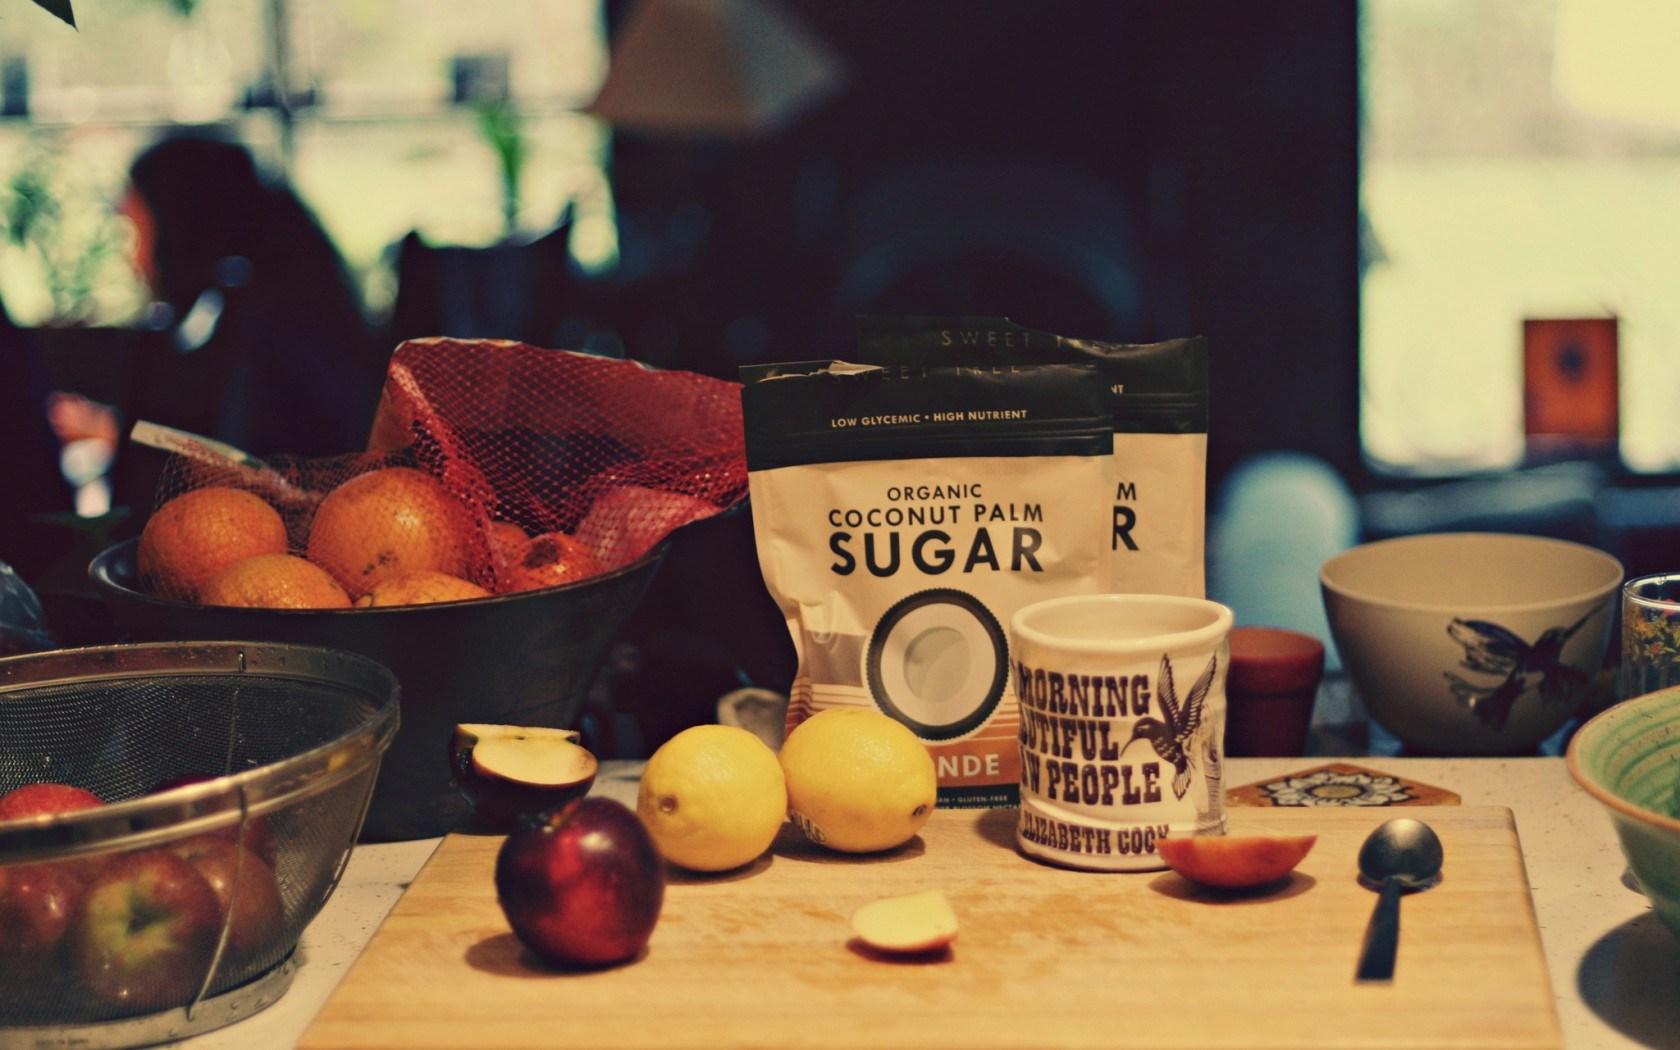 Sugar Lemons Board Mug Cup Spoon Oranges Apples Food